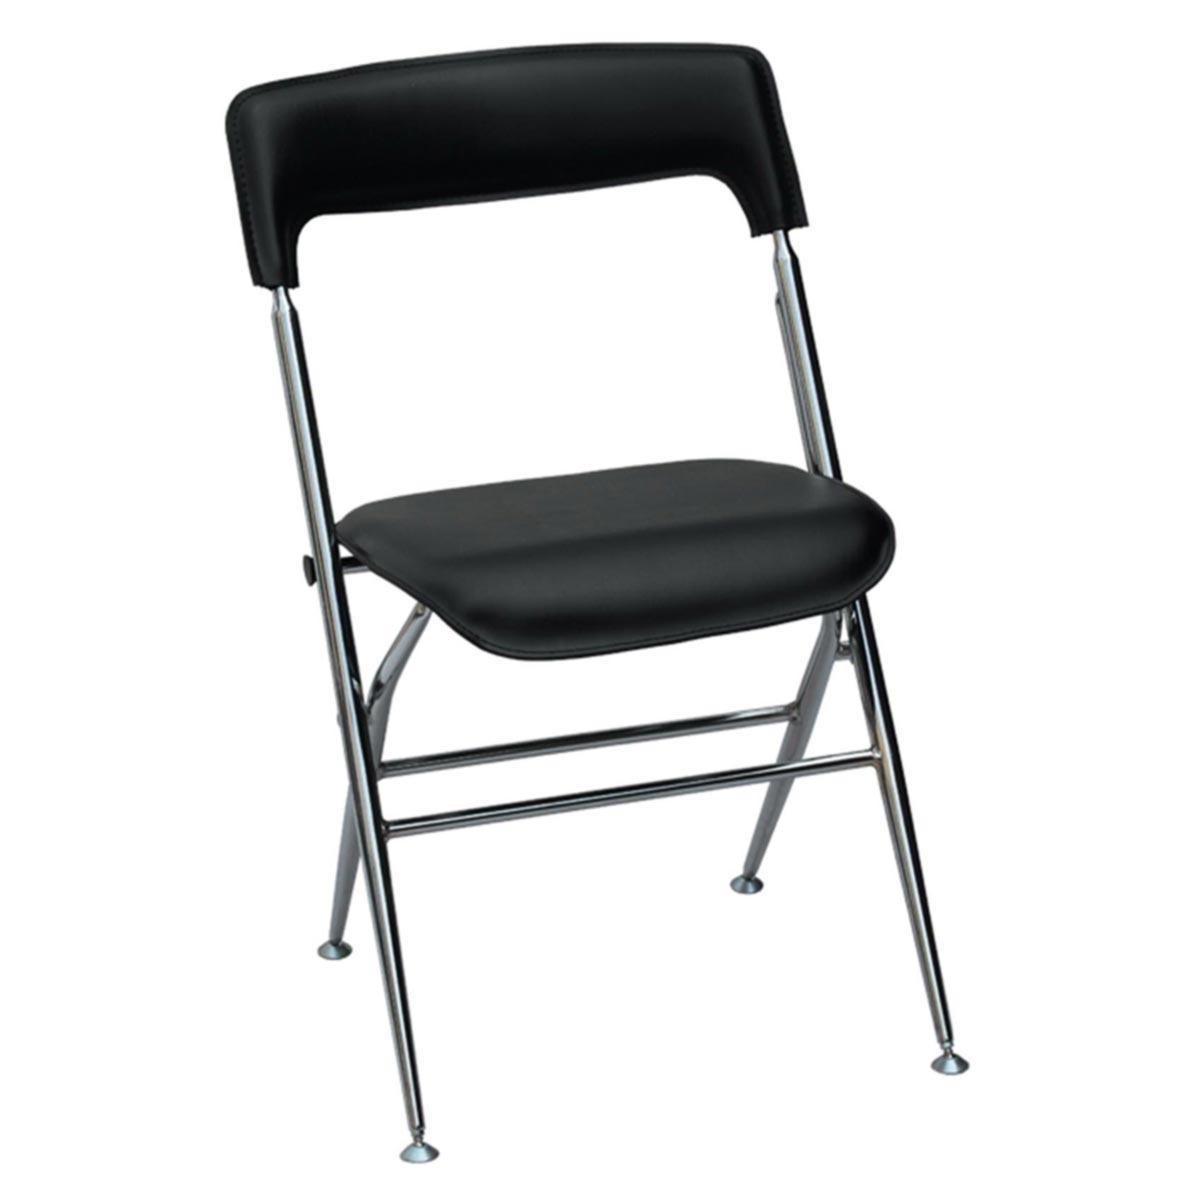 بهترین نوع صندلی تاشو